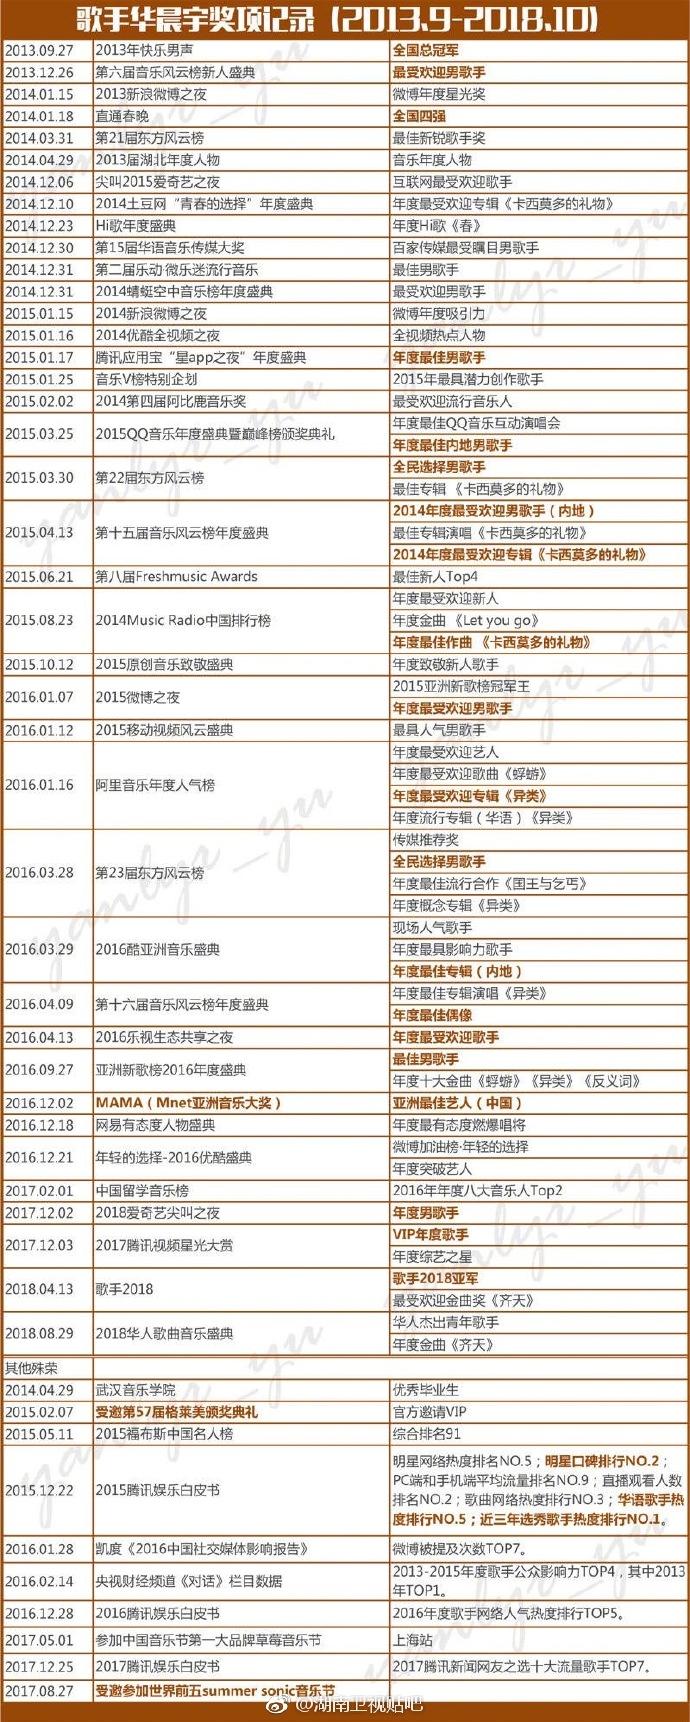 实力与流量并存,关于华语乐坛领军人华晨宇非常牛逼这件事